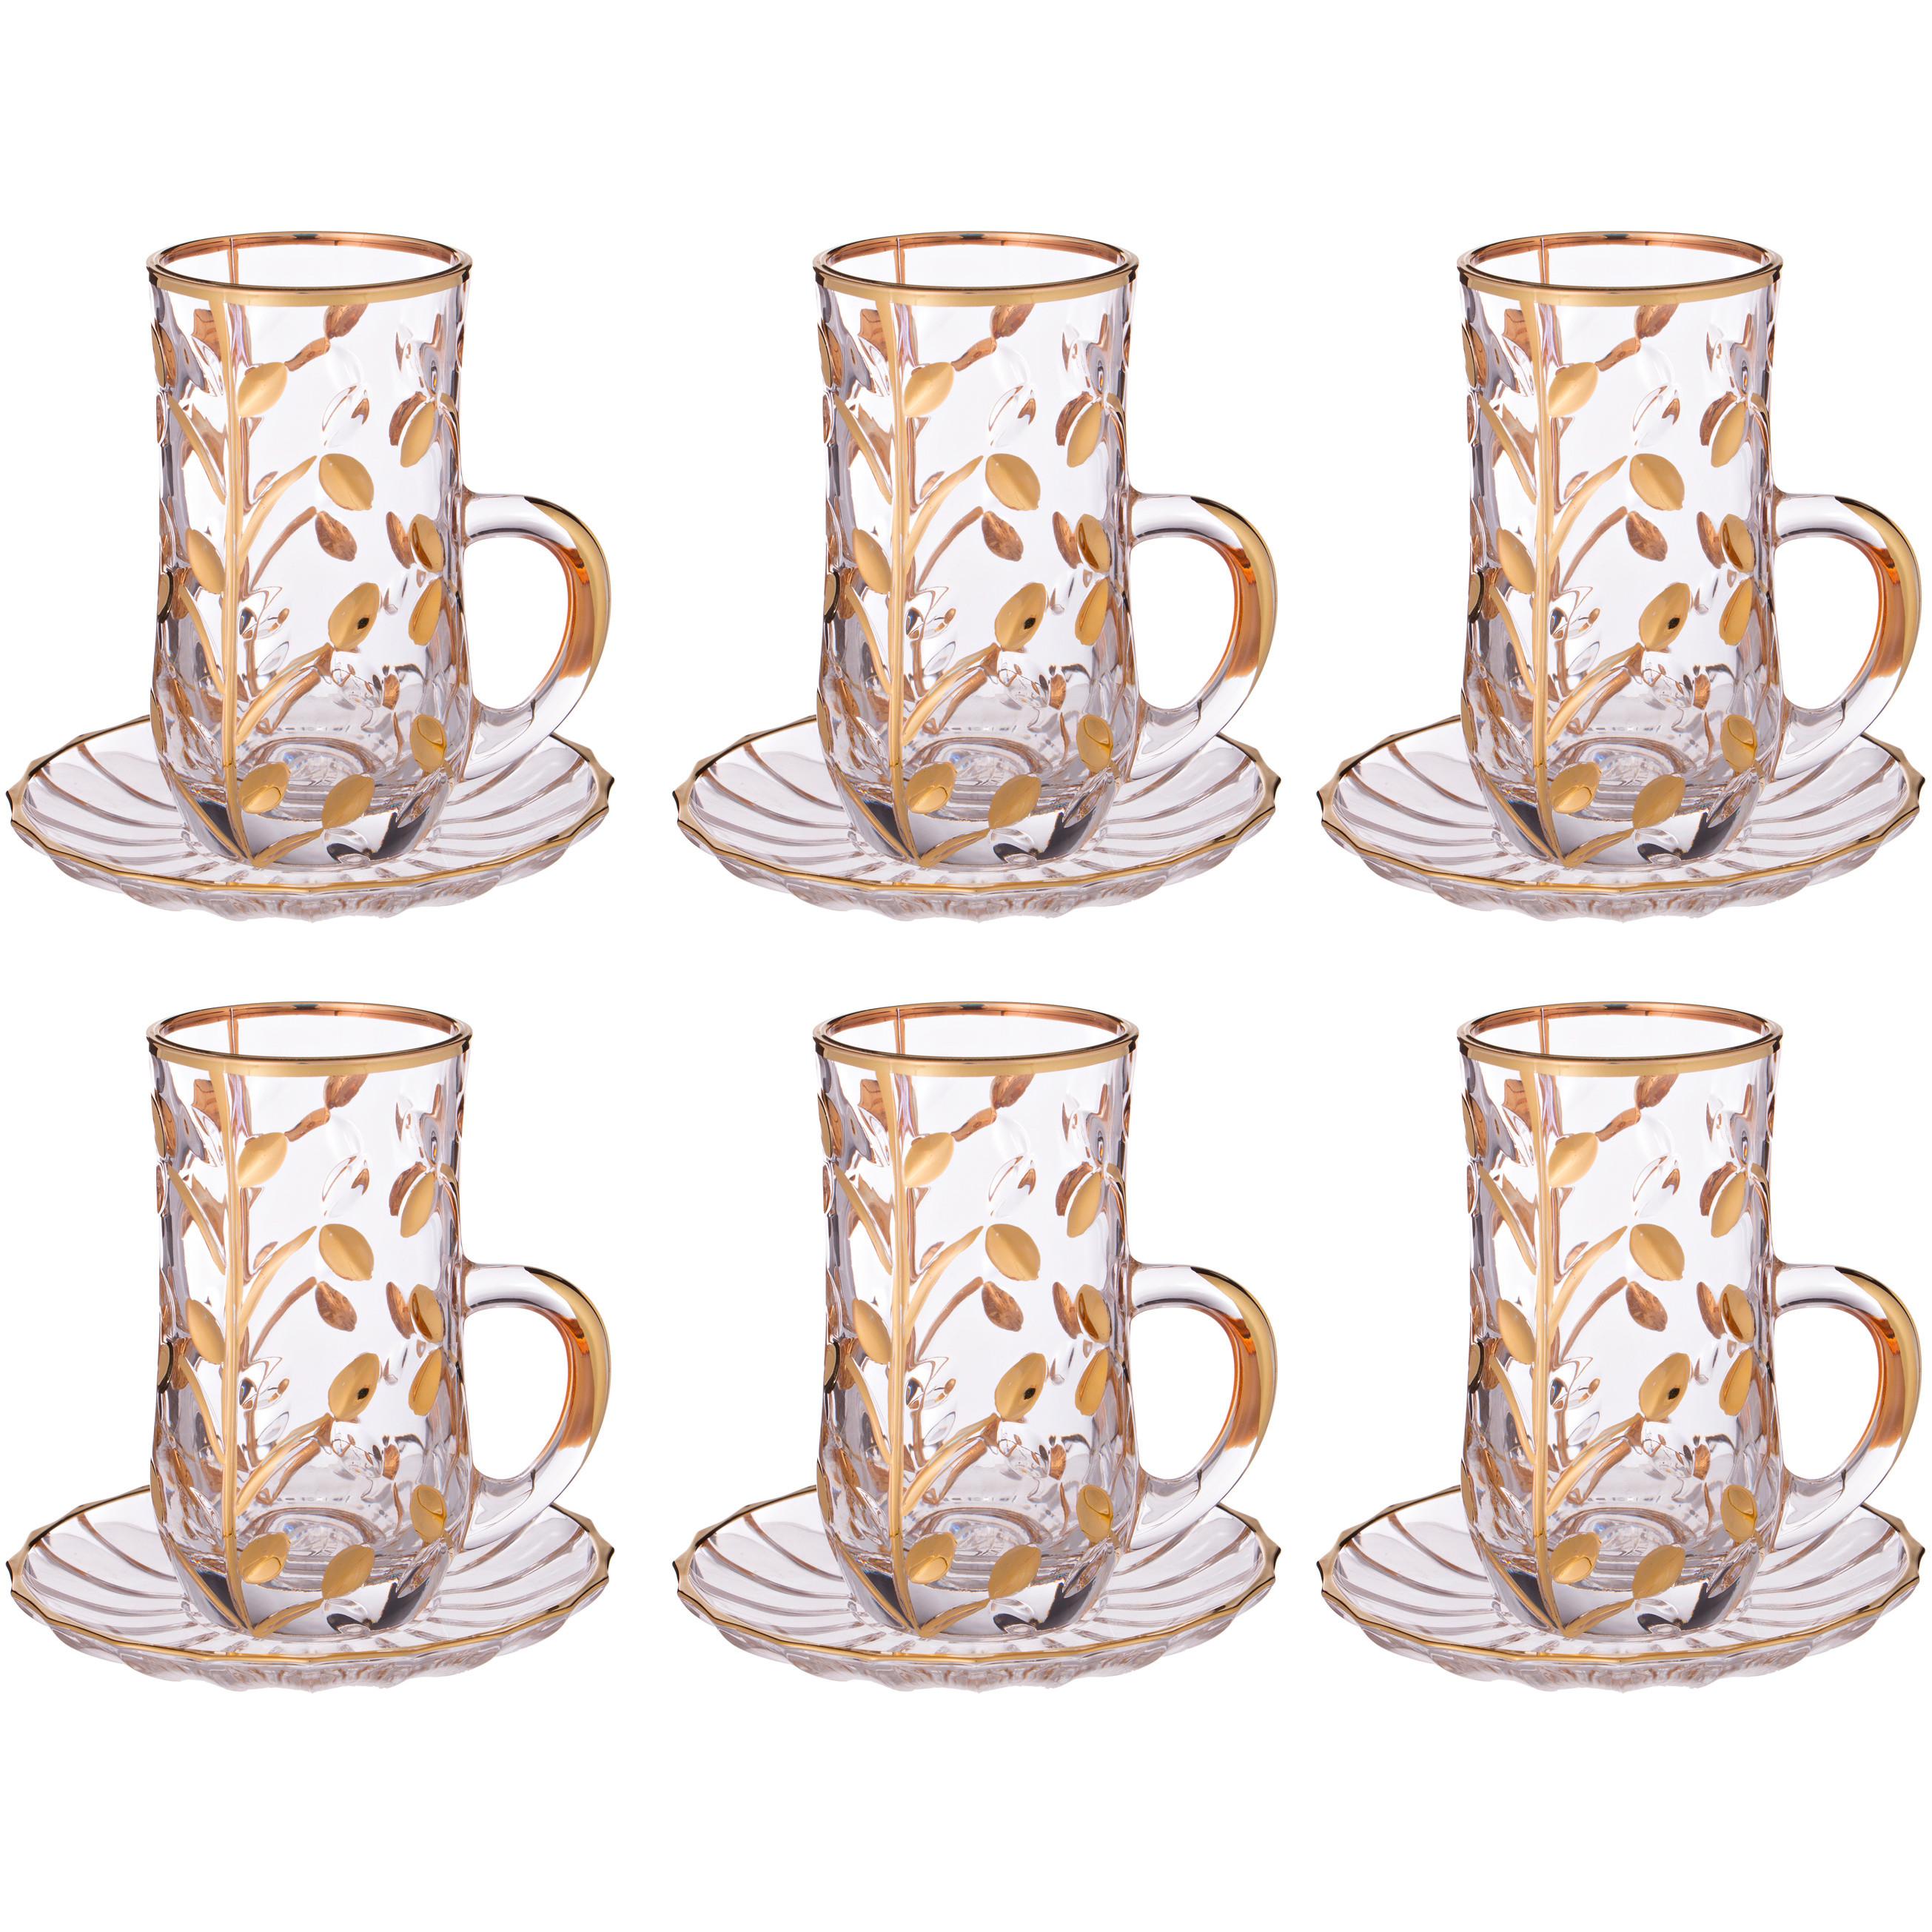 {} Same Набор чашек Лаурус (125 мл - 6 шт) same набор стаканов для виски лаурус 300 мл 6 шт